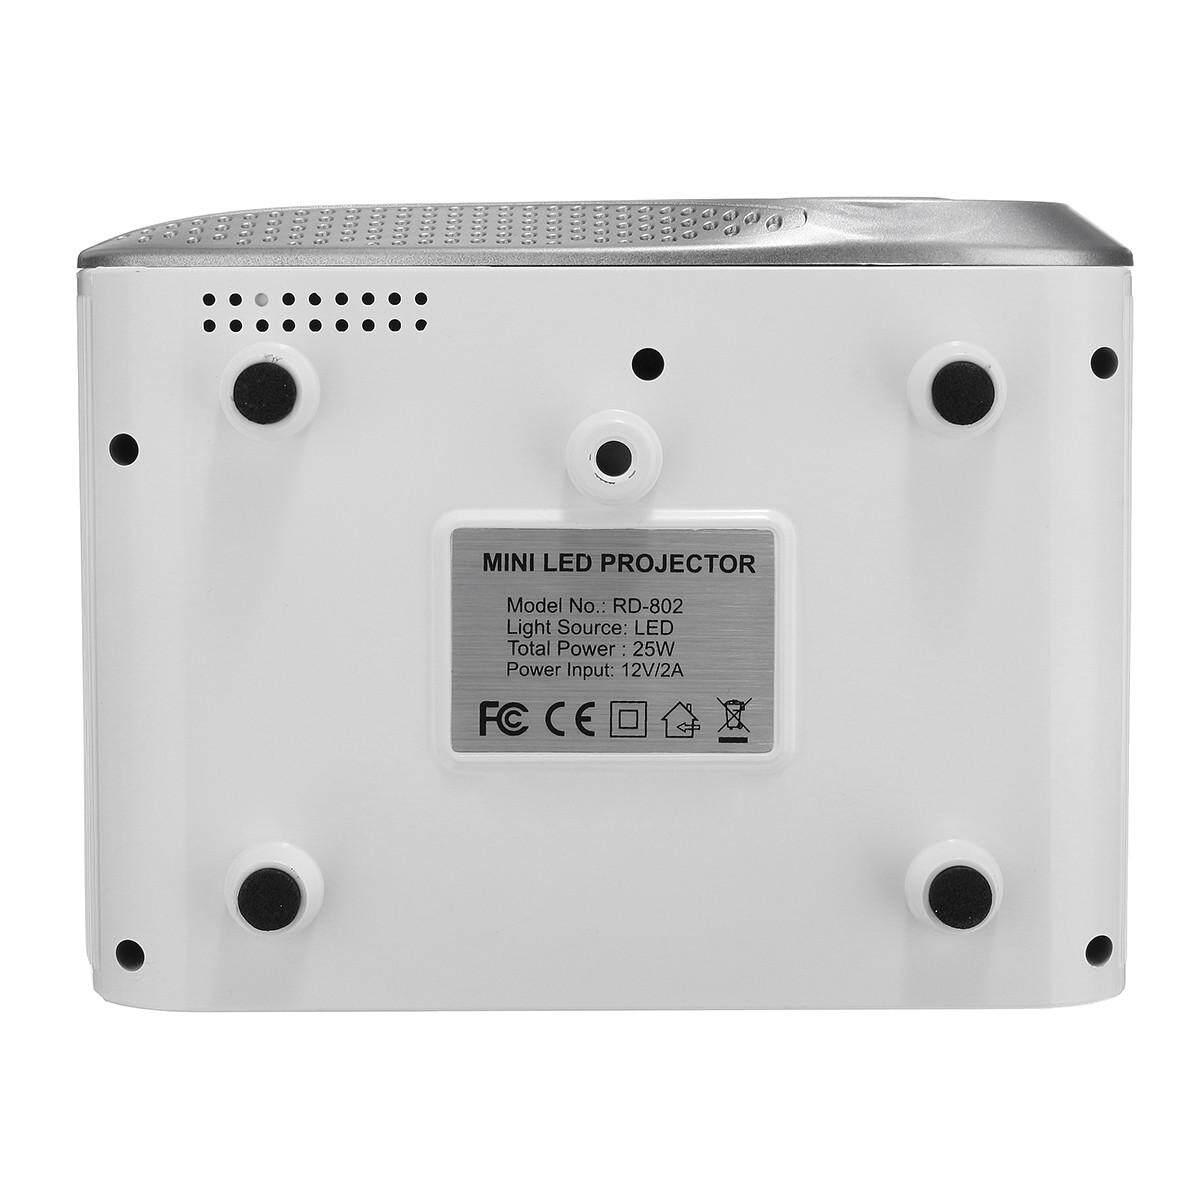 Bessky 3D Full HD 1080 P Máy Chiếu Mini Projector LED Đa Phương Tiện Rạp Hát Tại Nhà USB VGA HDMI TV AV Đa Chức Năng